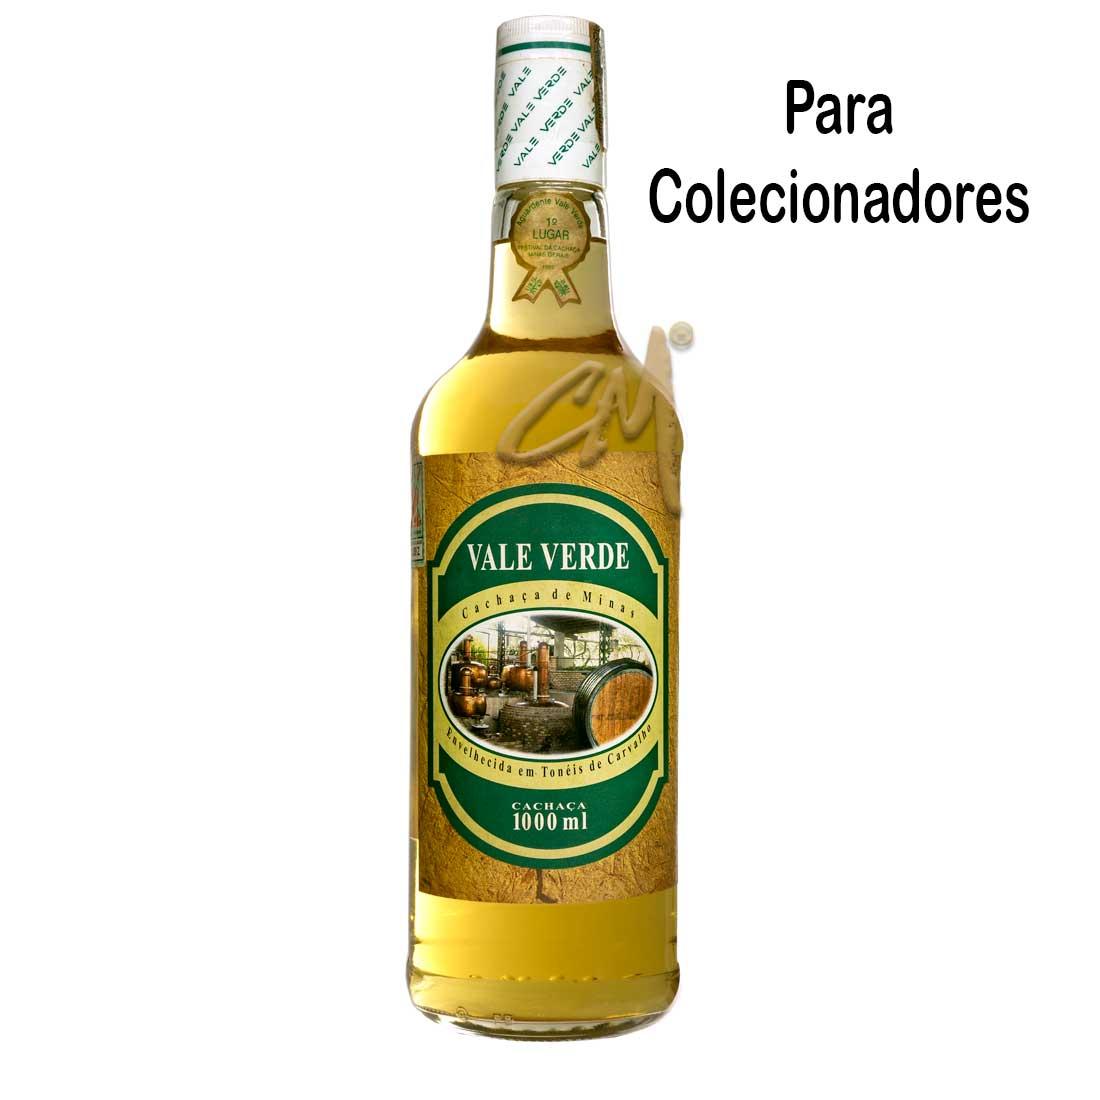 Cachaça Vale Verde 2004 980 ml (Vianópolis - MG) - Coleção